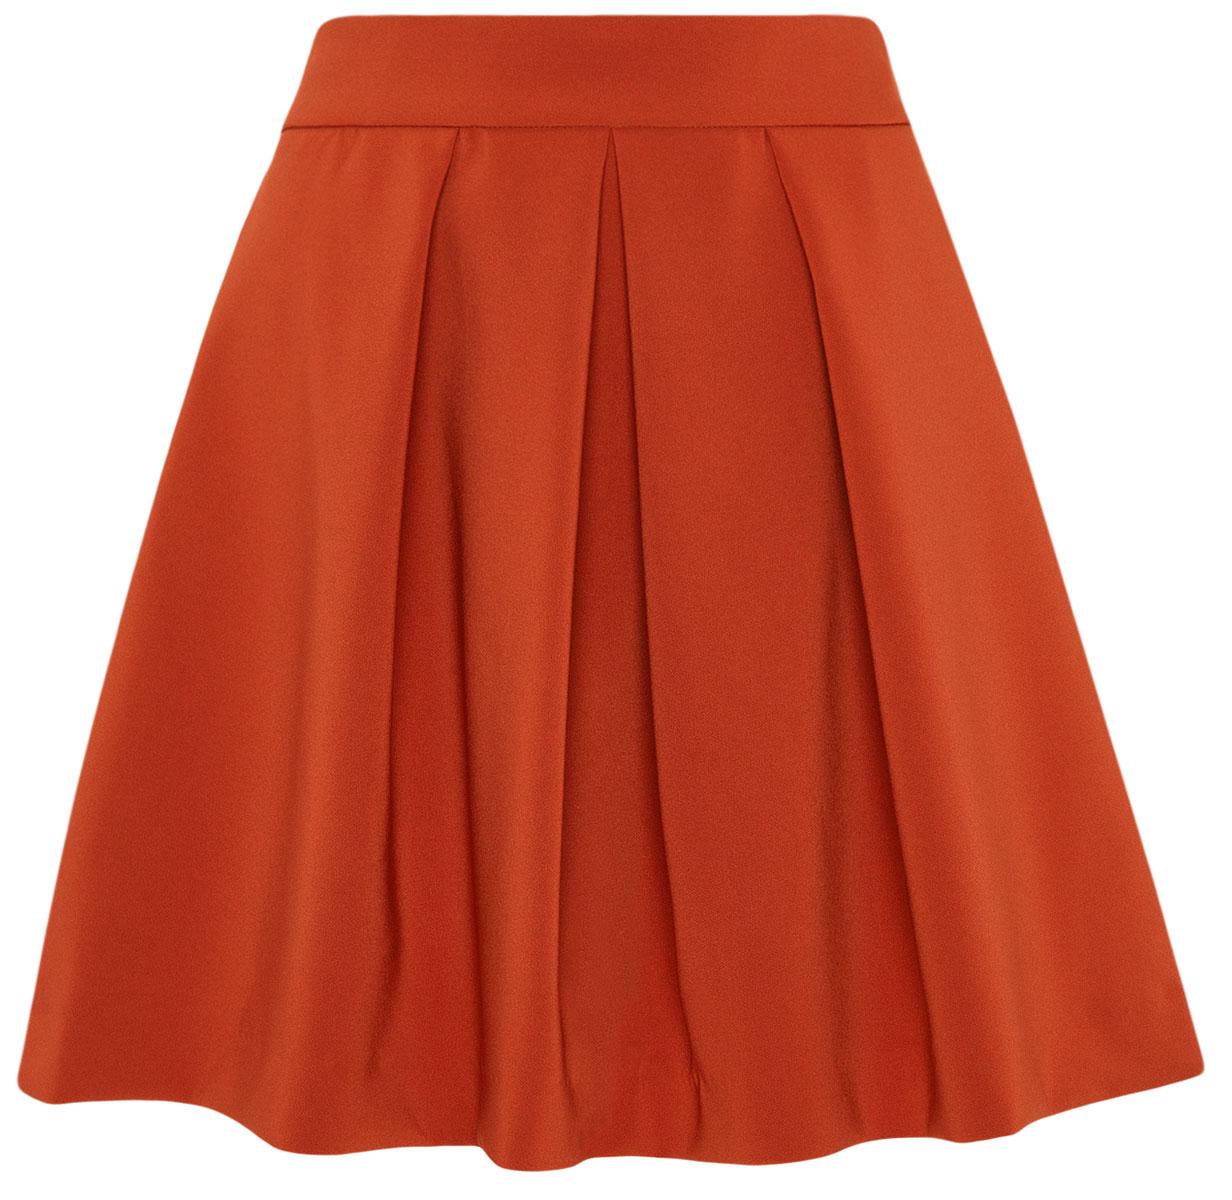 Юбка oodji Ultra юбка oodji ultra цвет темно зеленый 14101001b 46159 6900n размер s 44